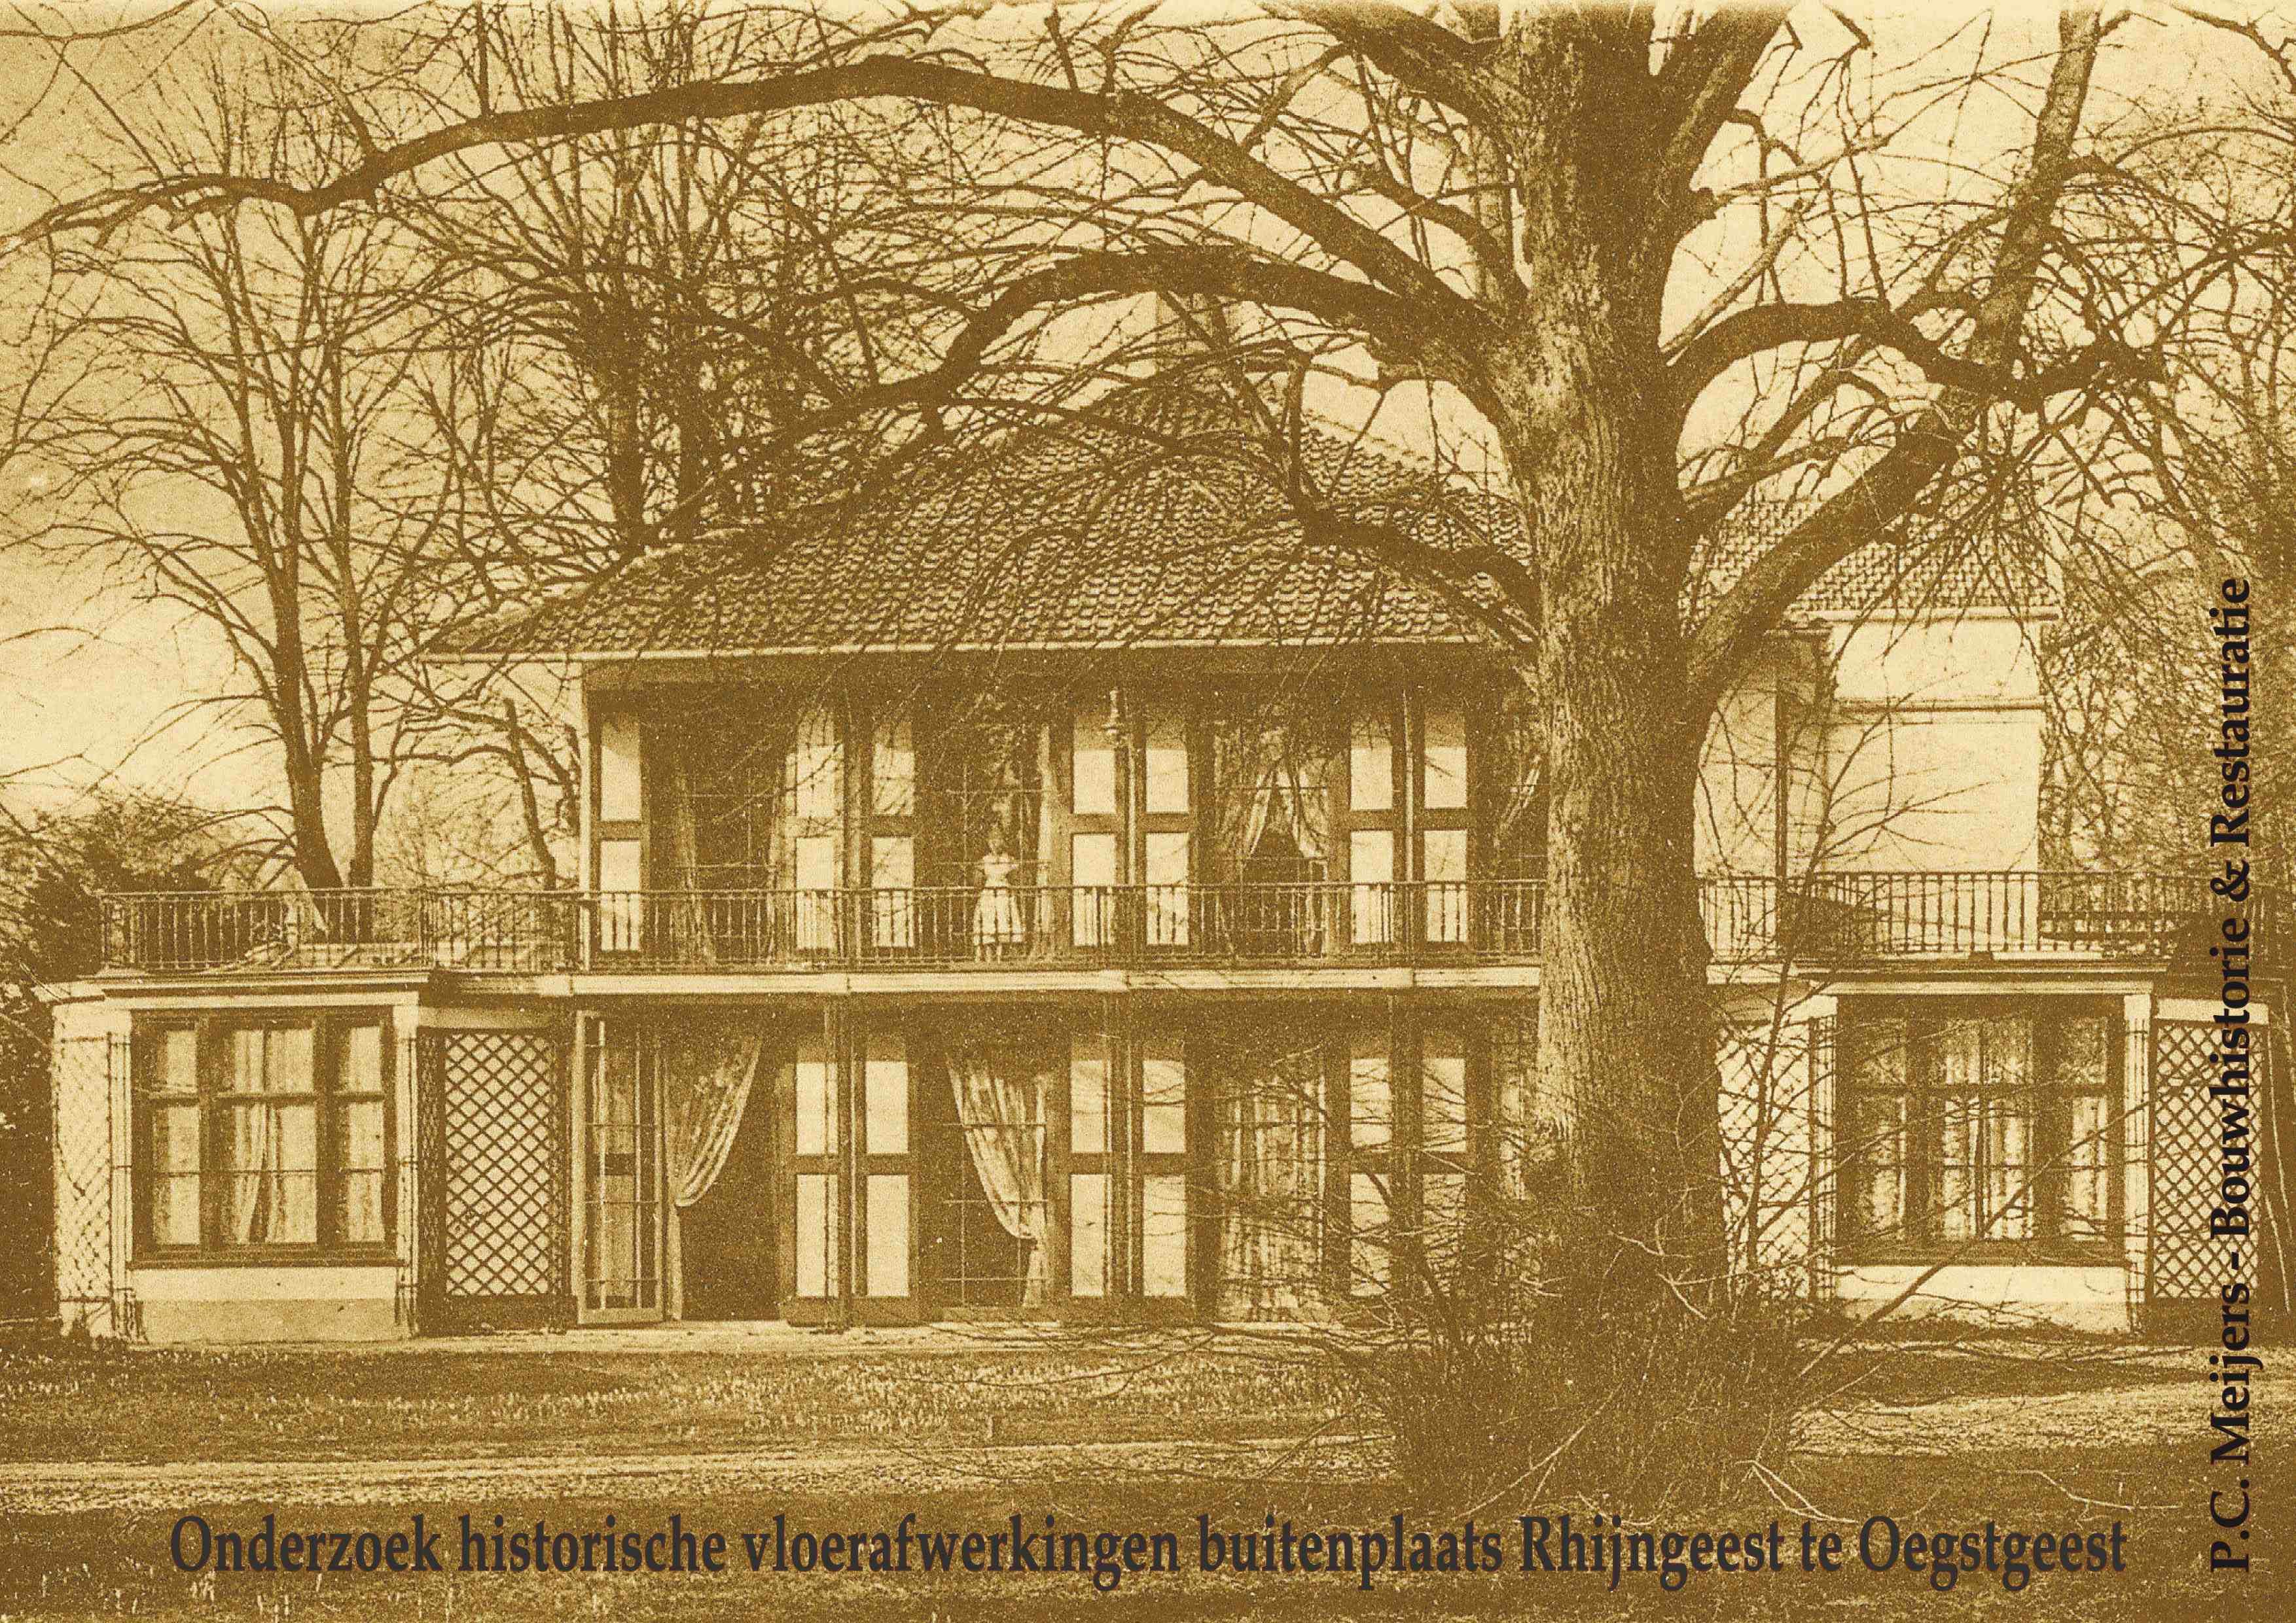 Landhuis Rhyngeest, Oegstgeest